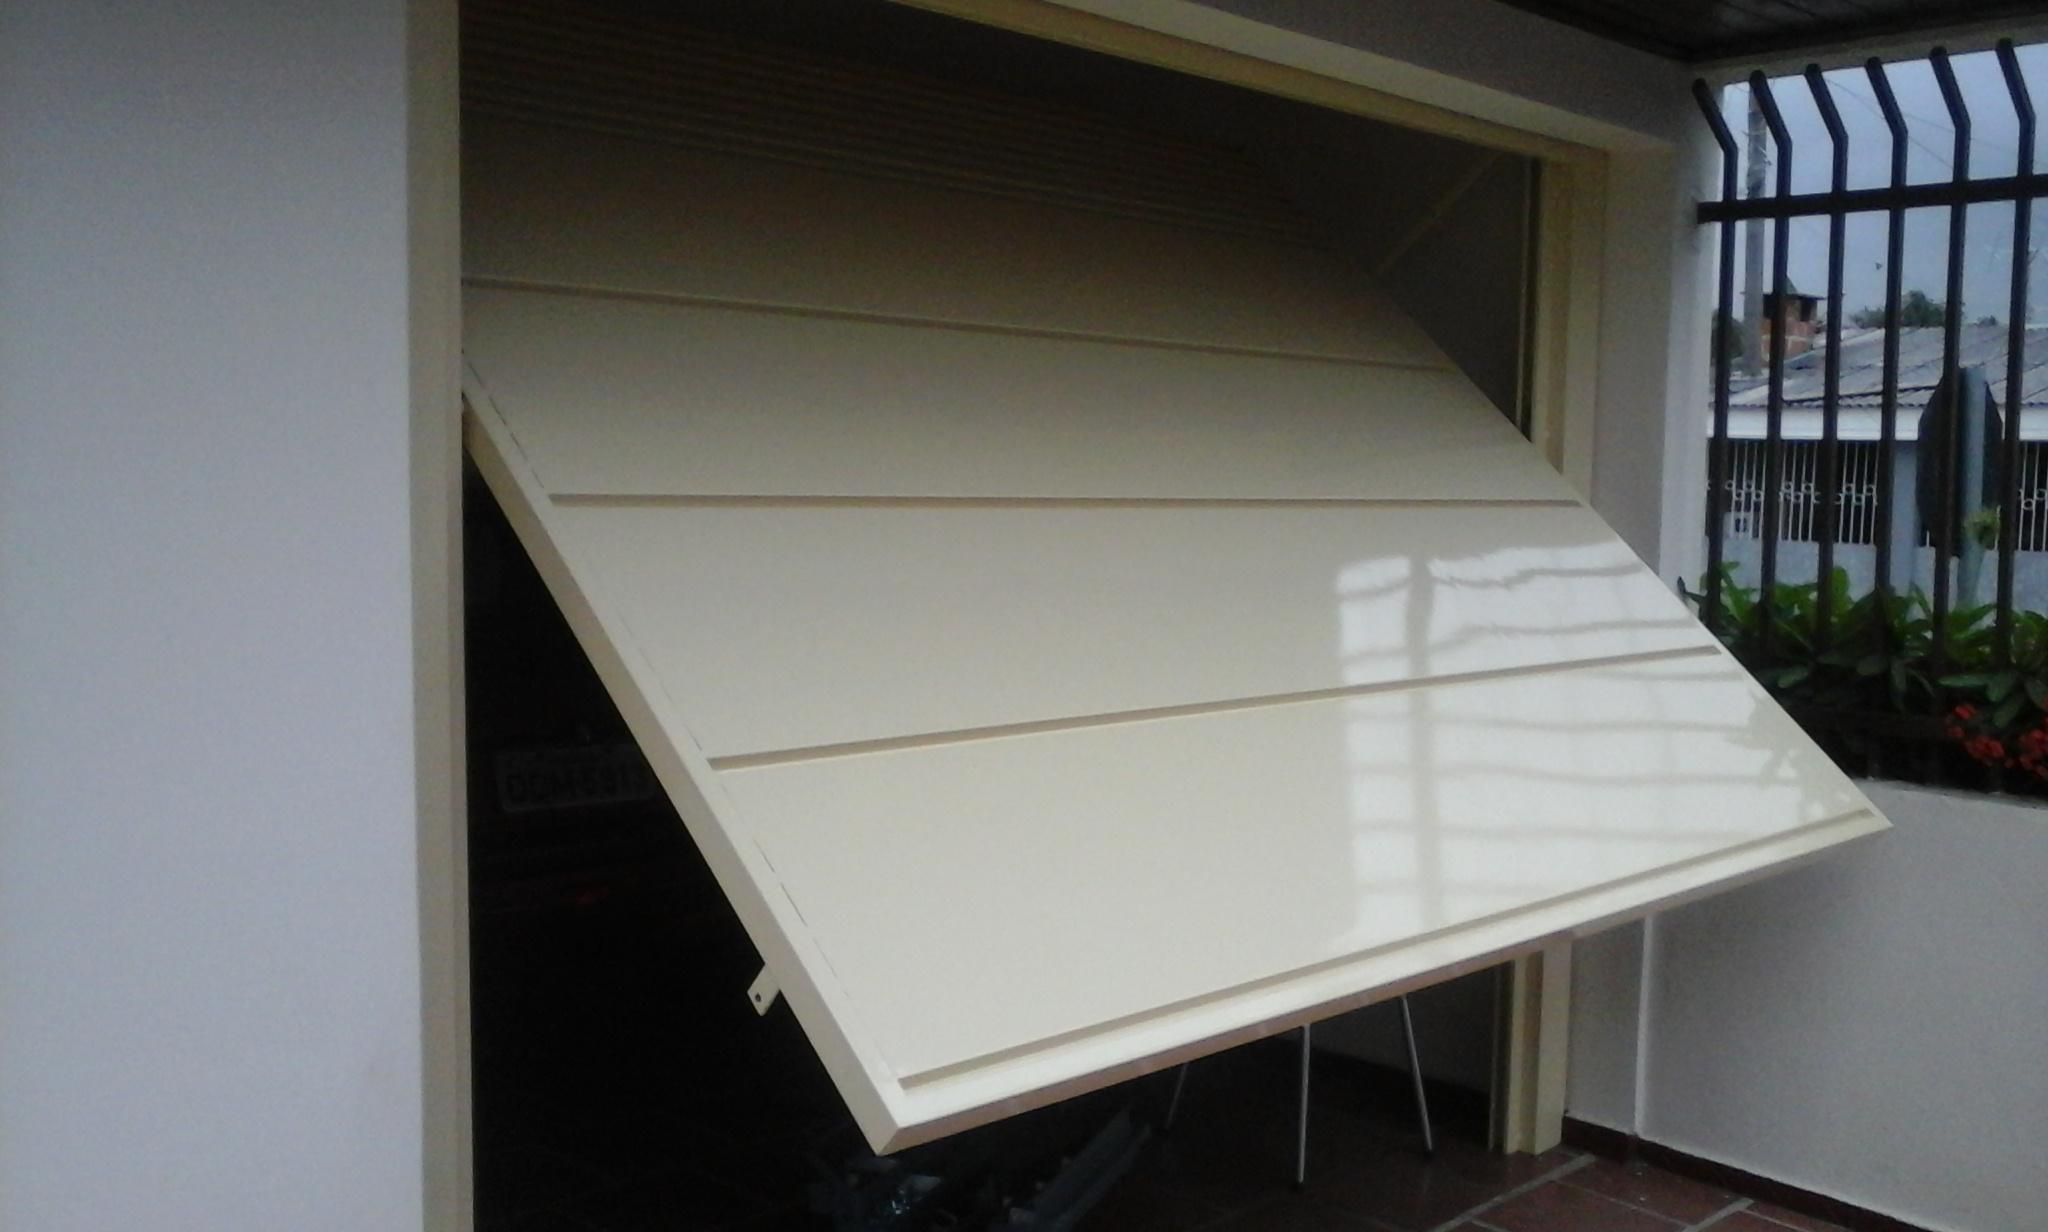 #4B6580 Material produzido em alumino vidro madeira e aço inox 1818 Janela De Aluminio Pode Ser Pintada De Branco